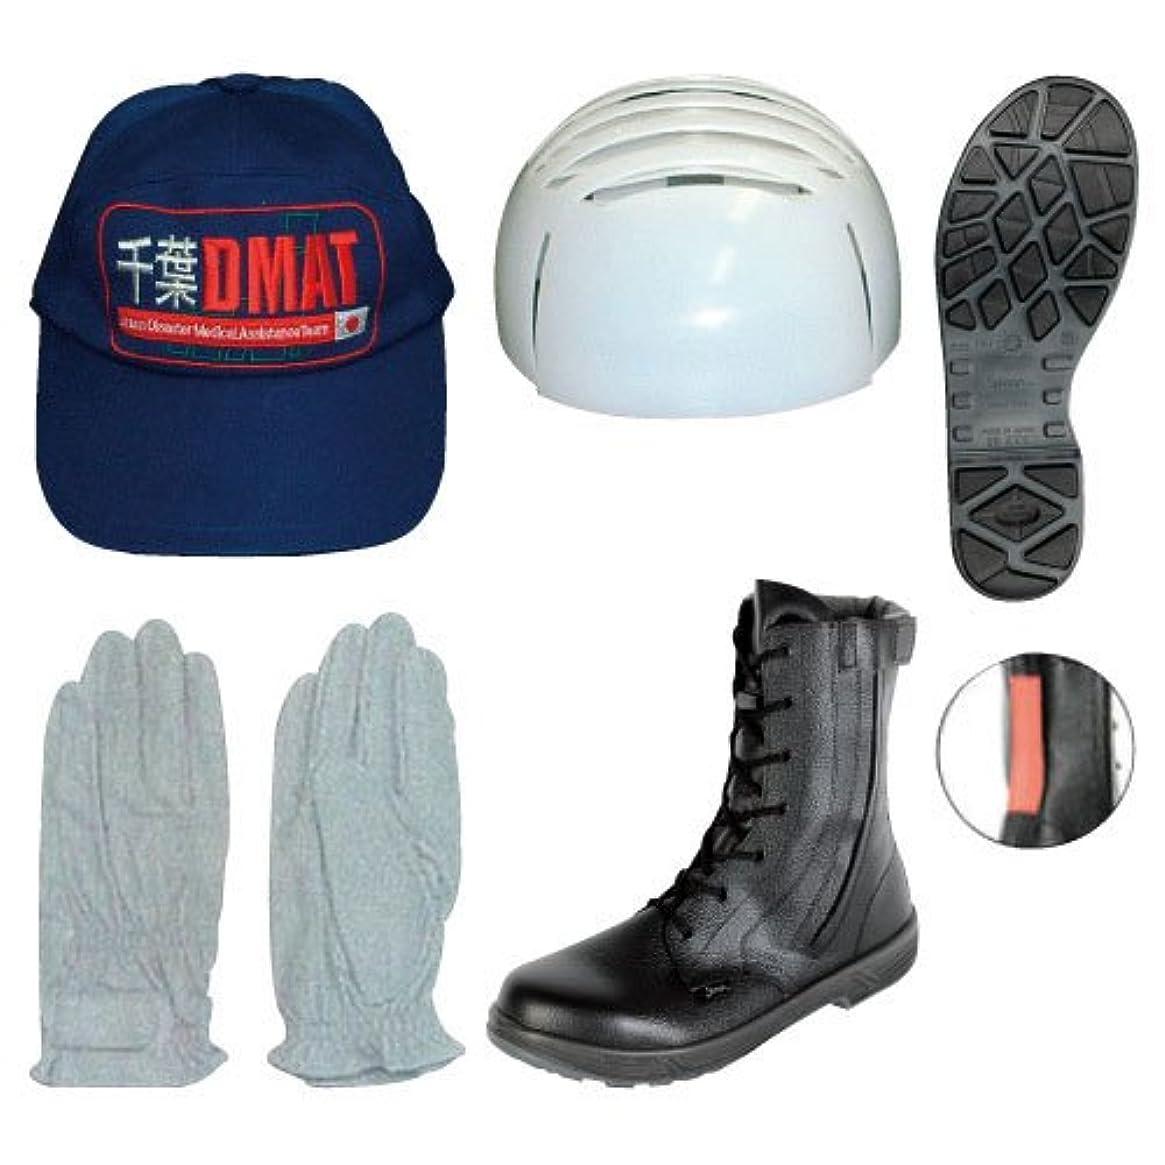 する必要がある歩き回るエネルギーDMAT用手袋 DMAT???????(23-2391-00)??L L